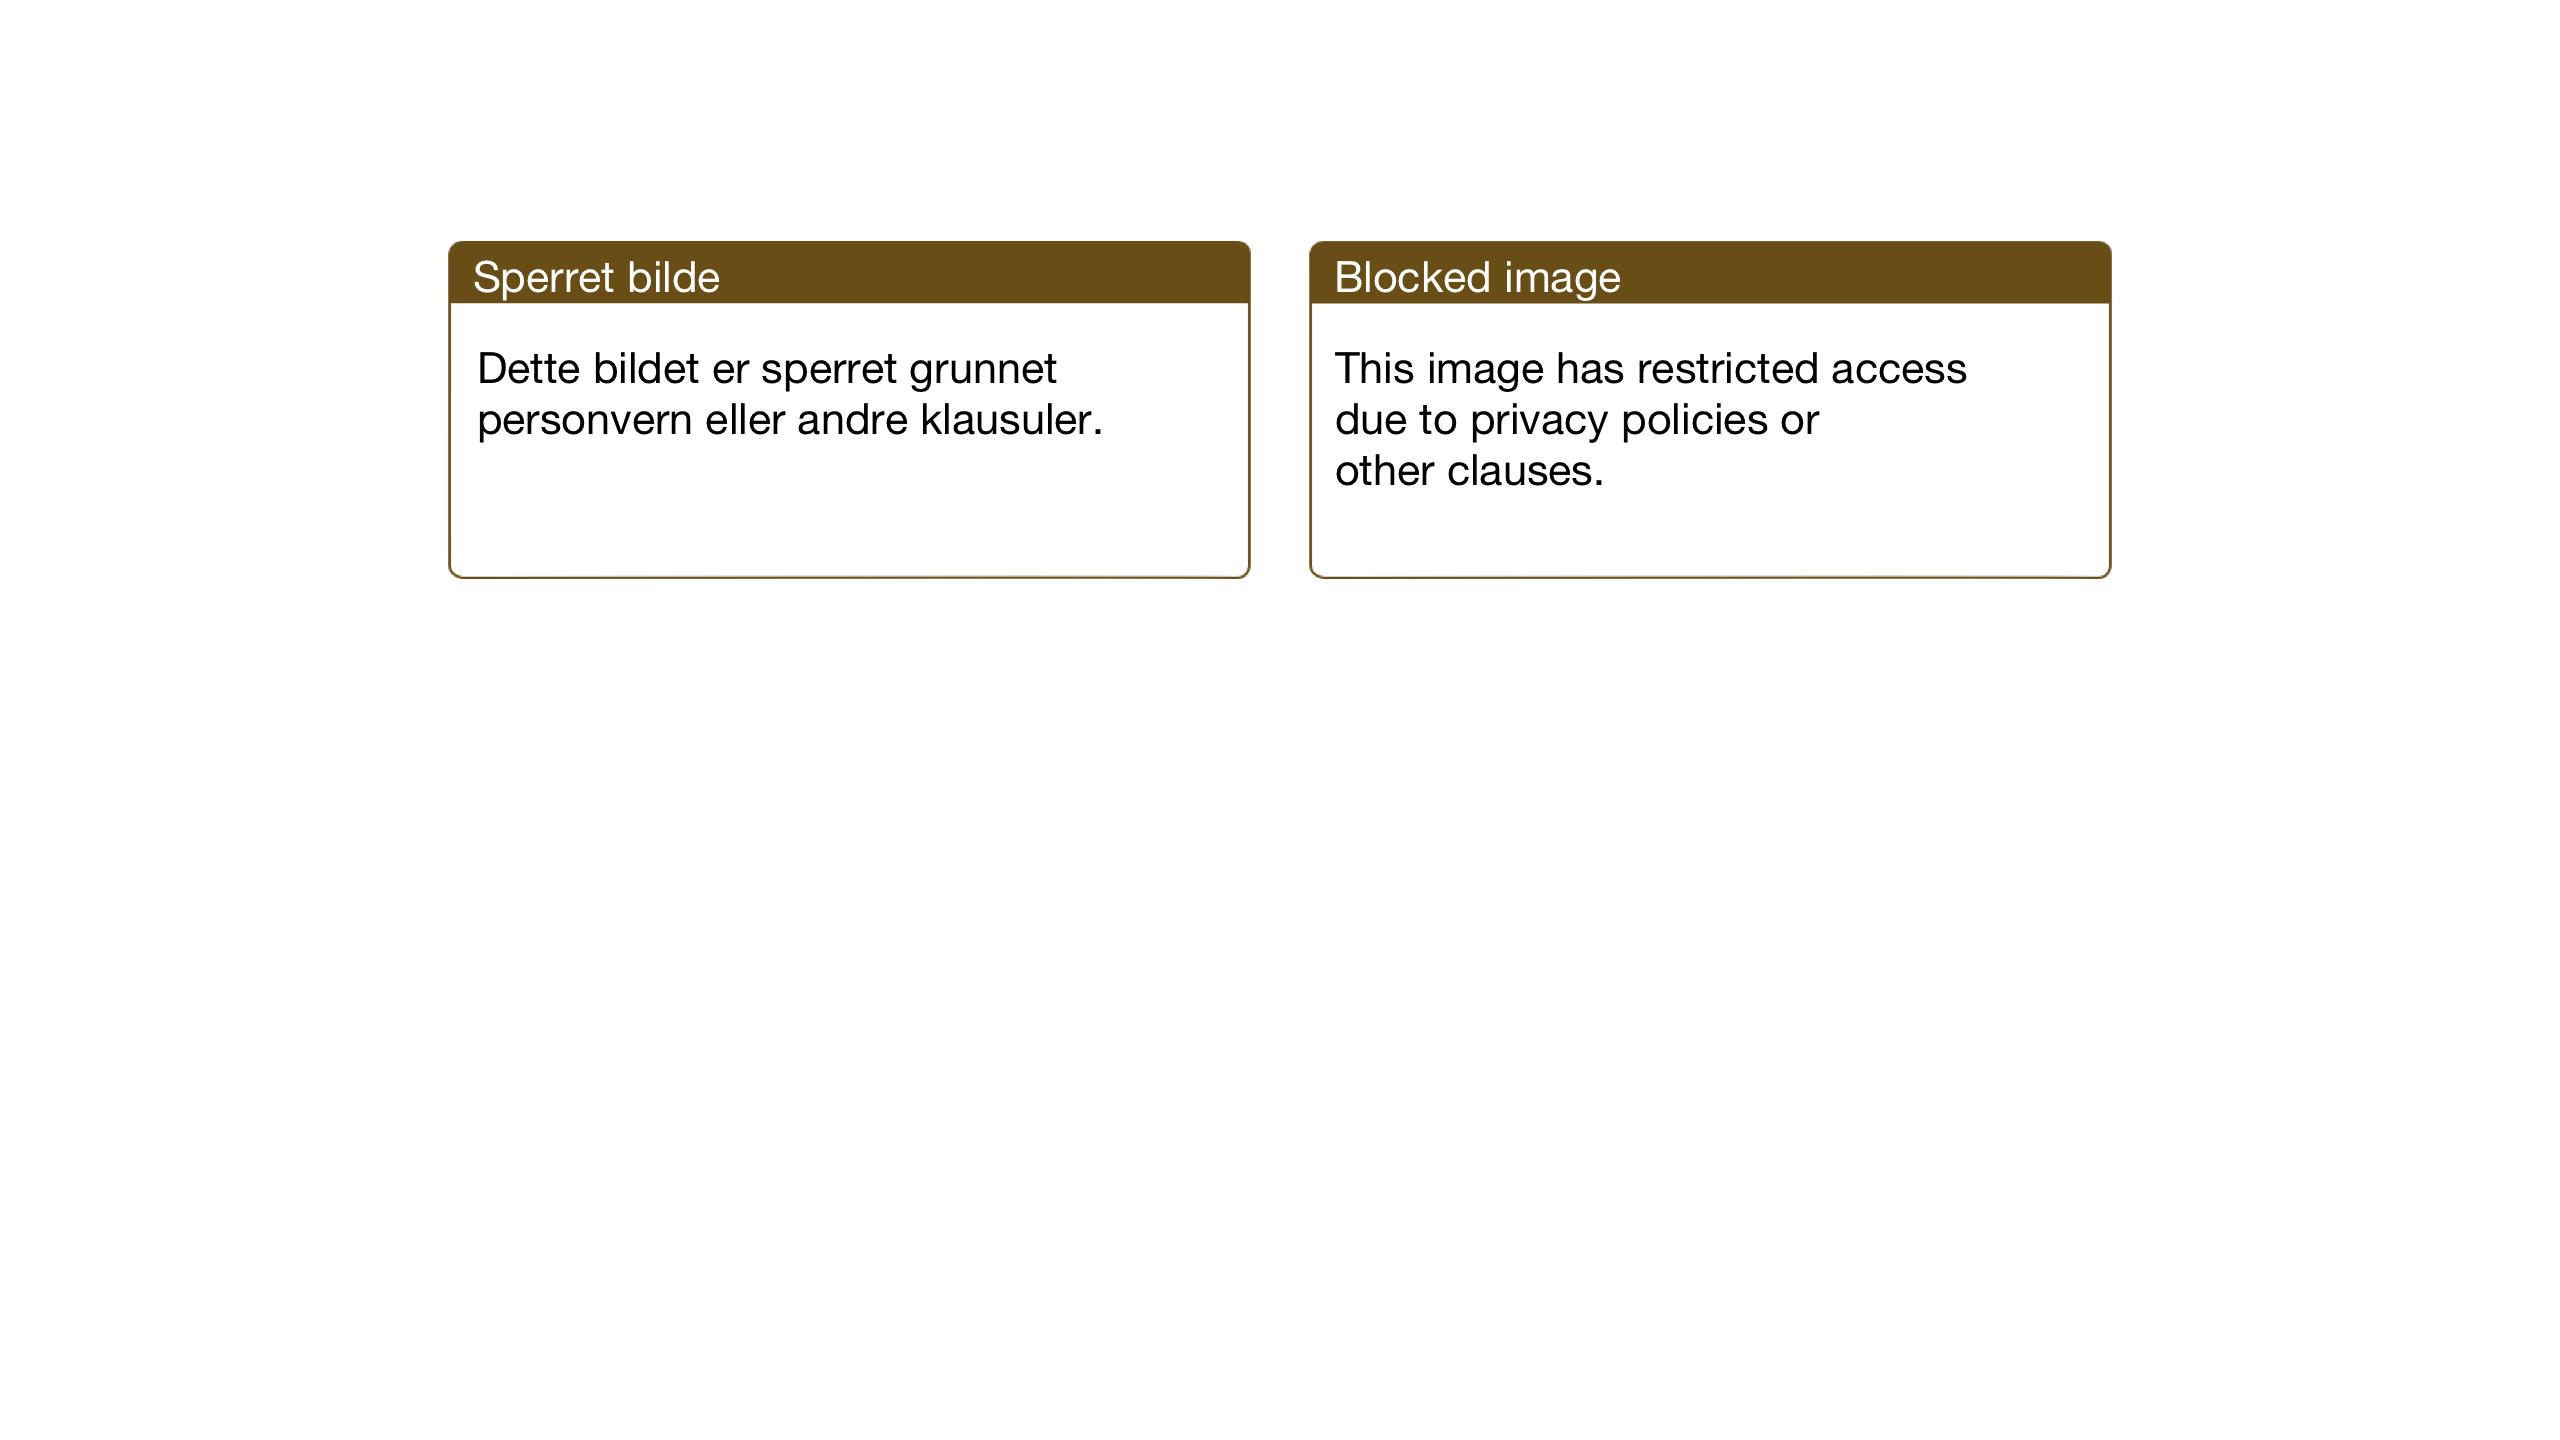 SAT, Ministerialprotokoller, klokkerbøker og fødselsregistre - Sør-Trøndelag, 630/L0508: Klokkerbok nr. 630C06, 1933-1950, s. 95